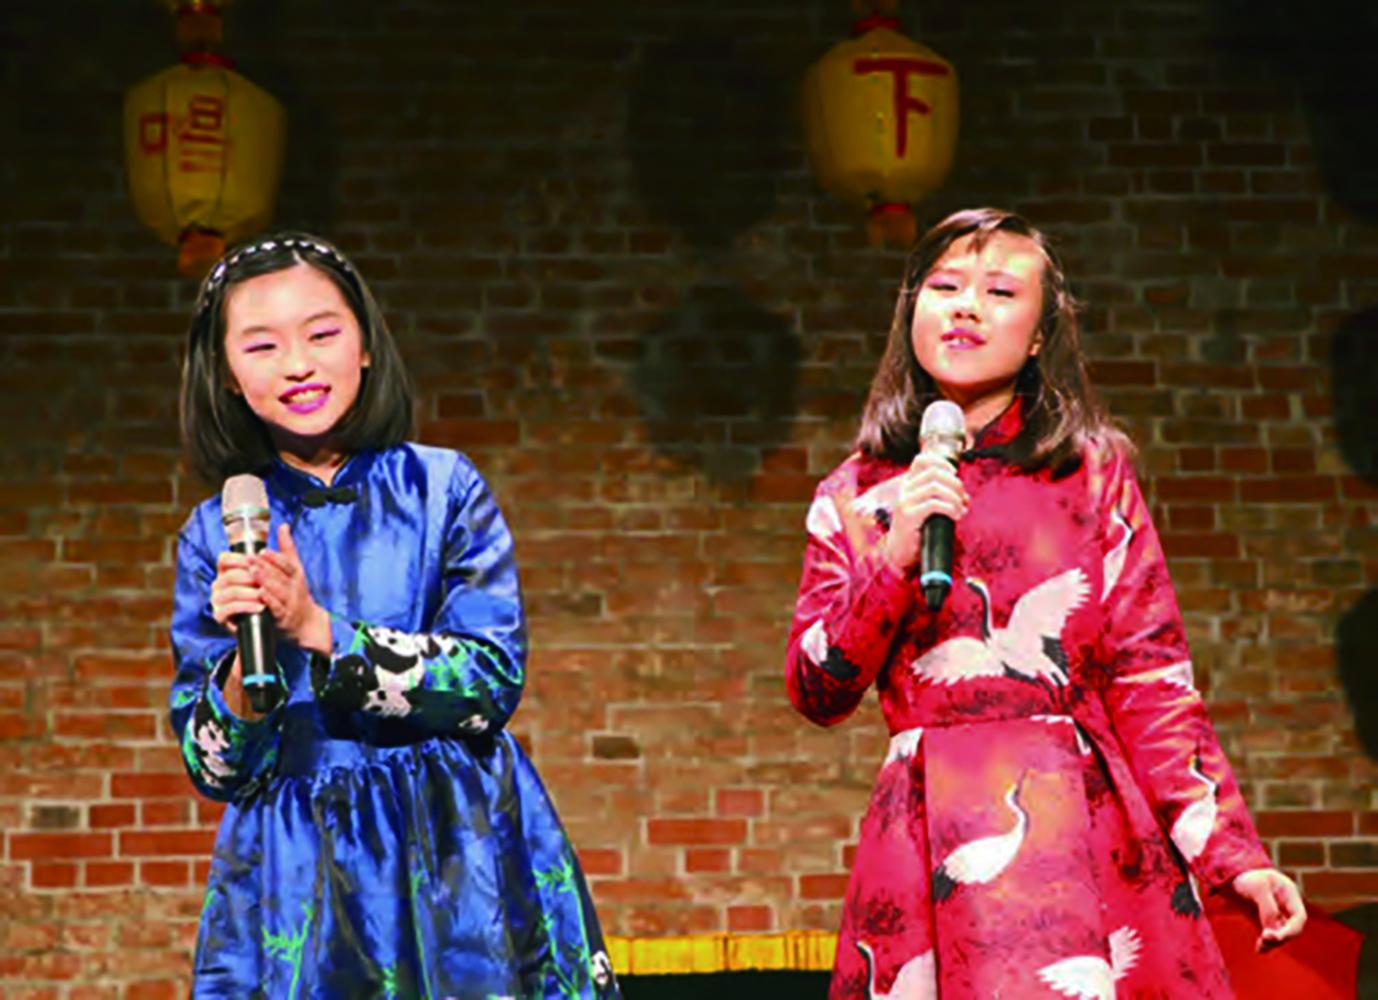 漢霖兒童說唱藝術團將帶來《藝起來說唱》演出,把傳統的說唱藝術透過逗趣方式展現在小朋友面前。.jpg